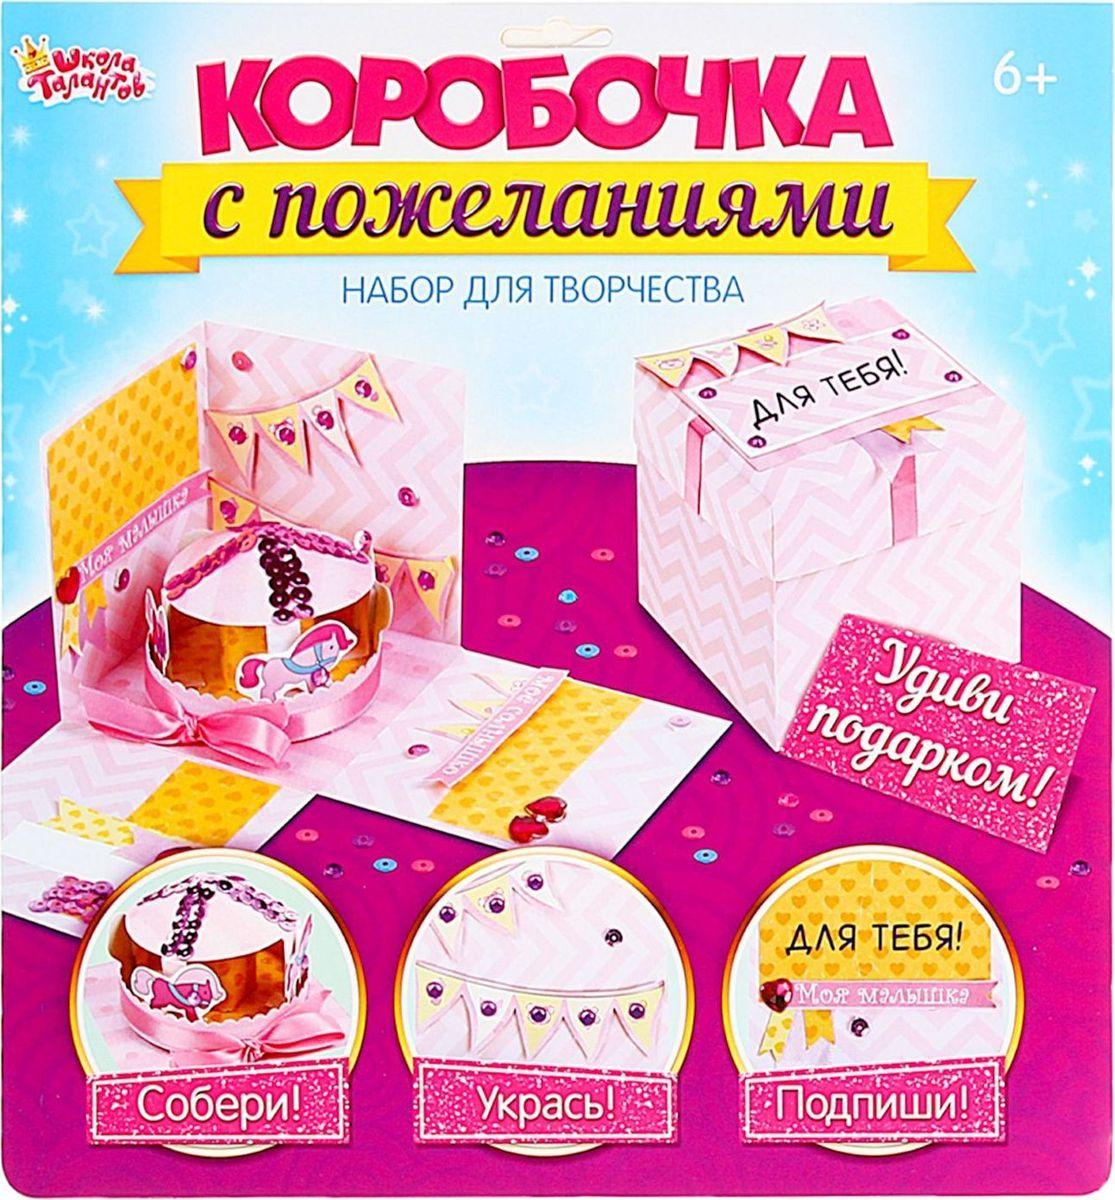 Школа талантов Набор для творчества Коробочка с пожеланиями Карусель цвет розовый